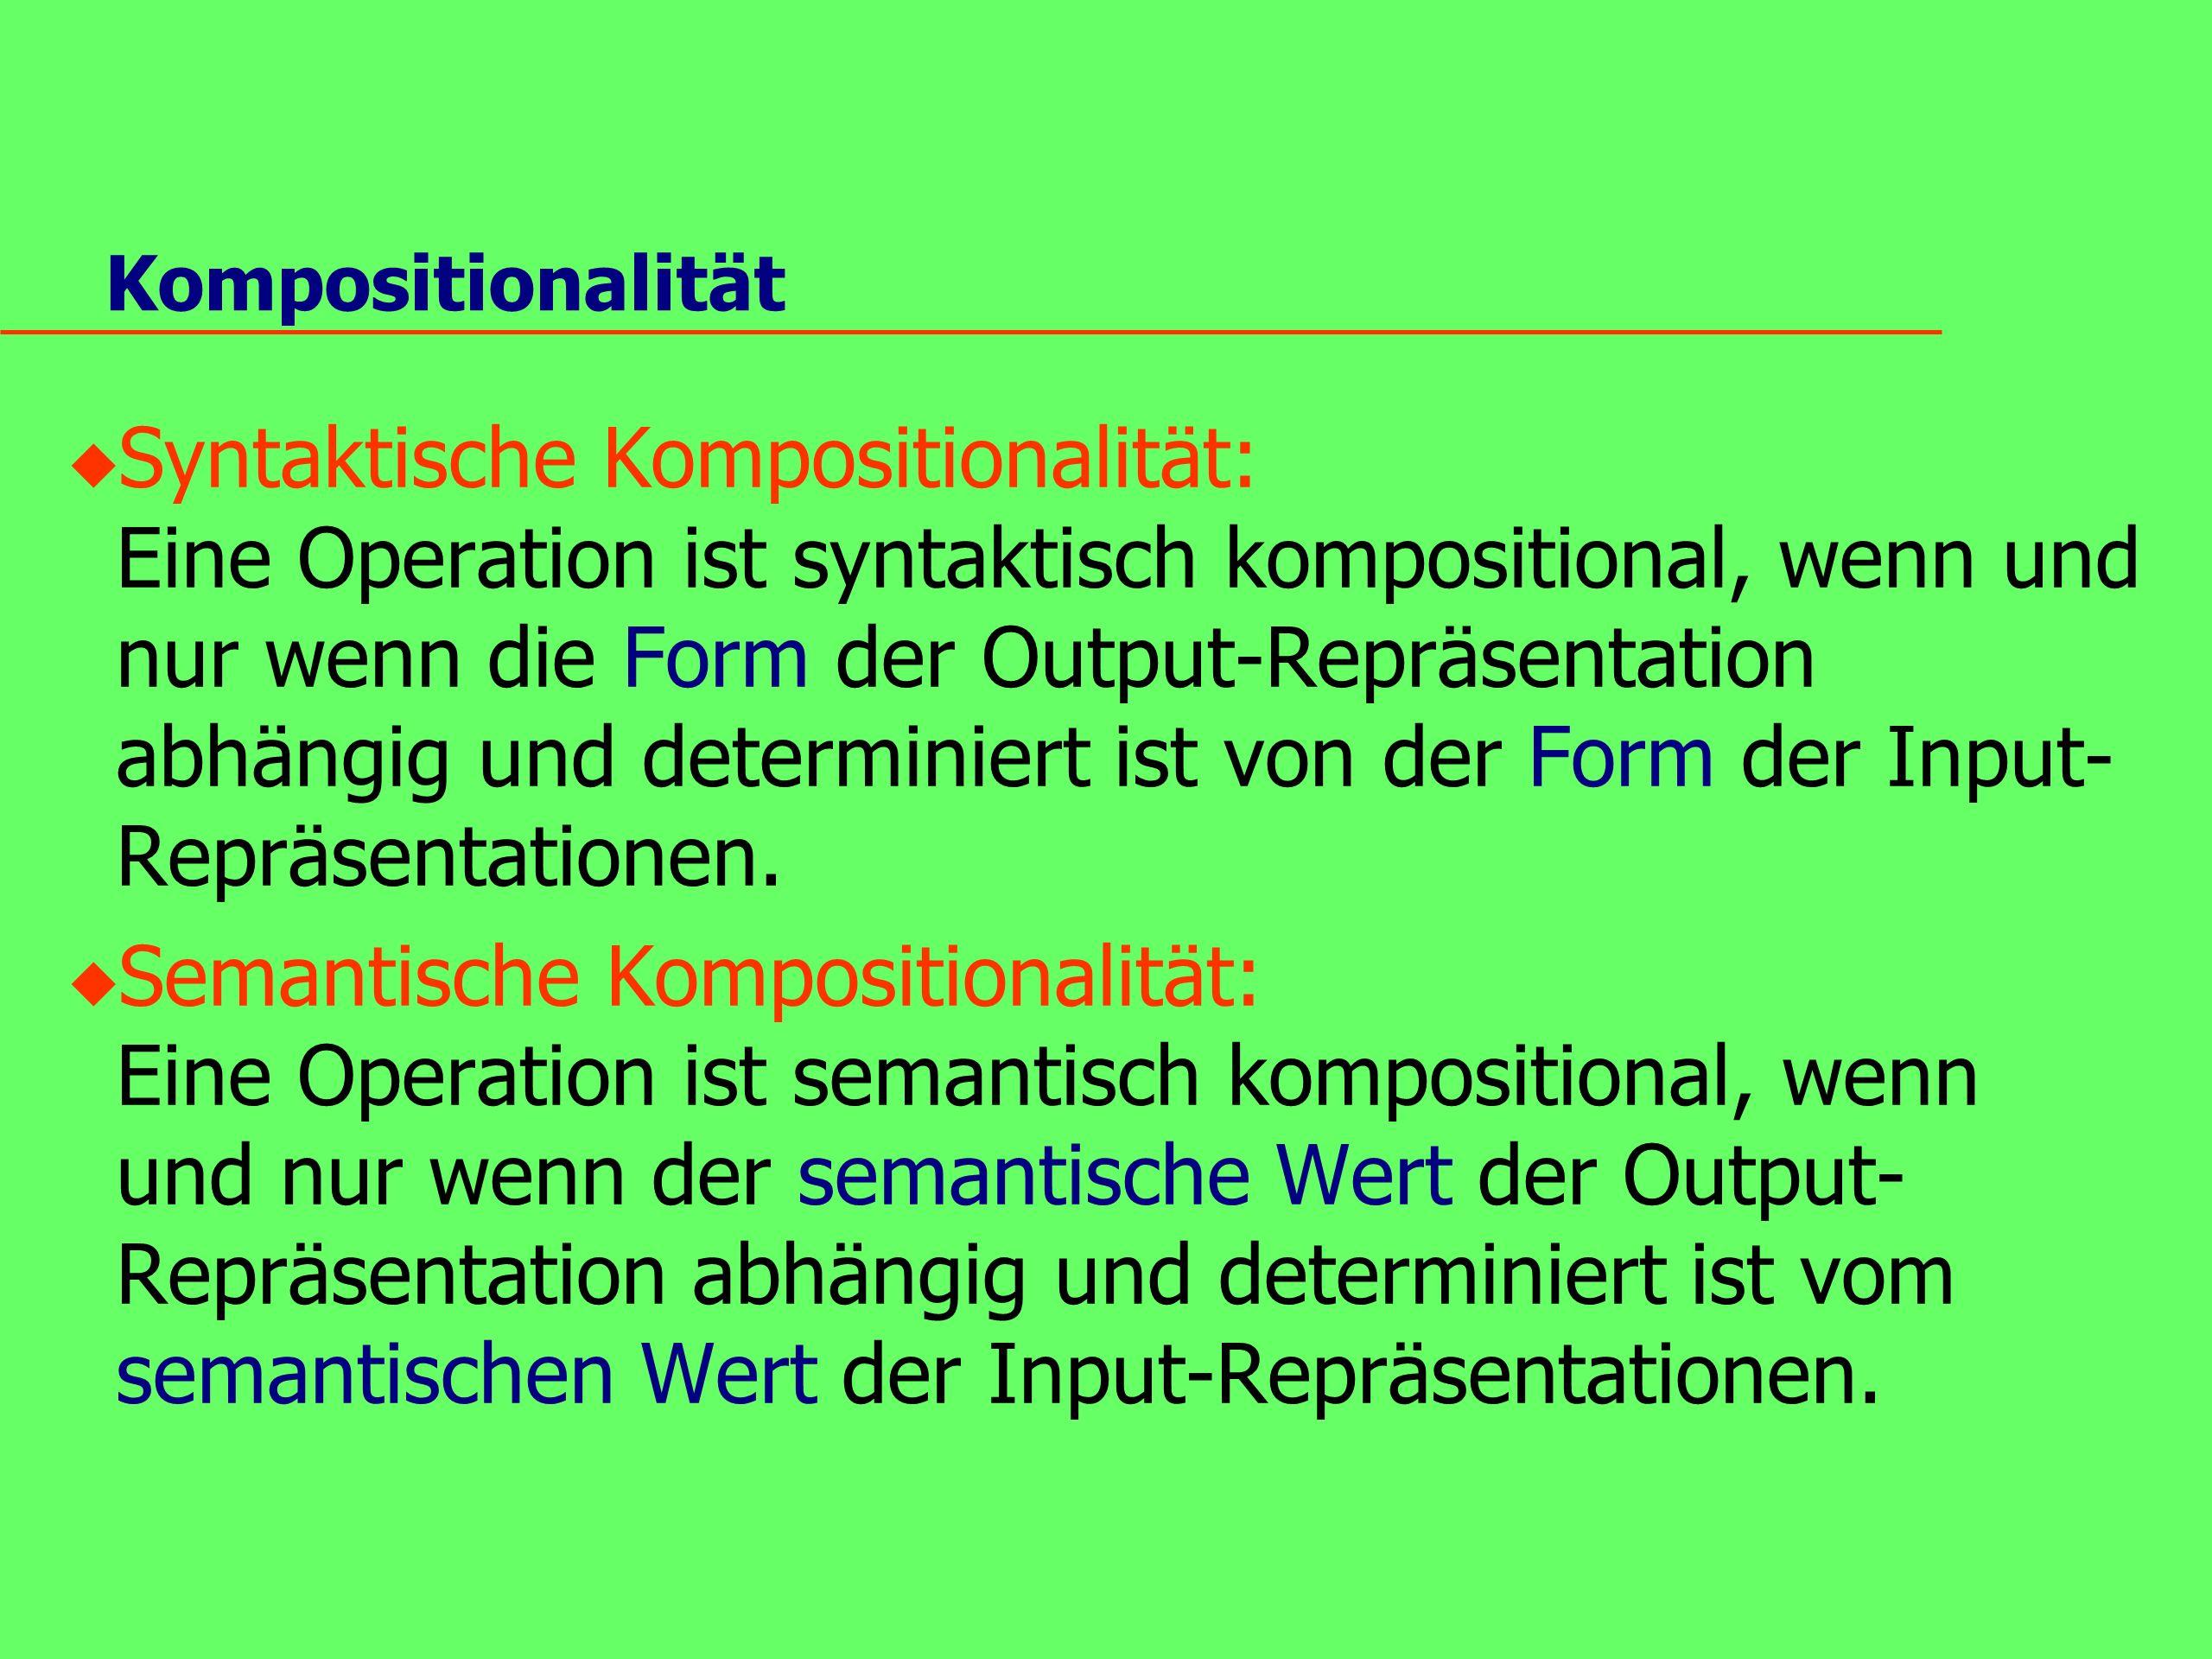 Kompositionalität u Syntaktische Kompositionalität: Eine Operation ist syntaktisch kompositional, wenn und nur wenn die Form der Output-Repräsentation abhängig und determiniert ist von der Form der Input- Repräsentationen.